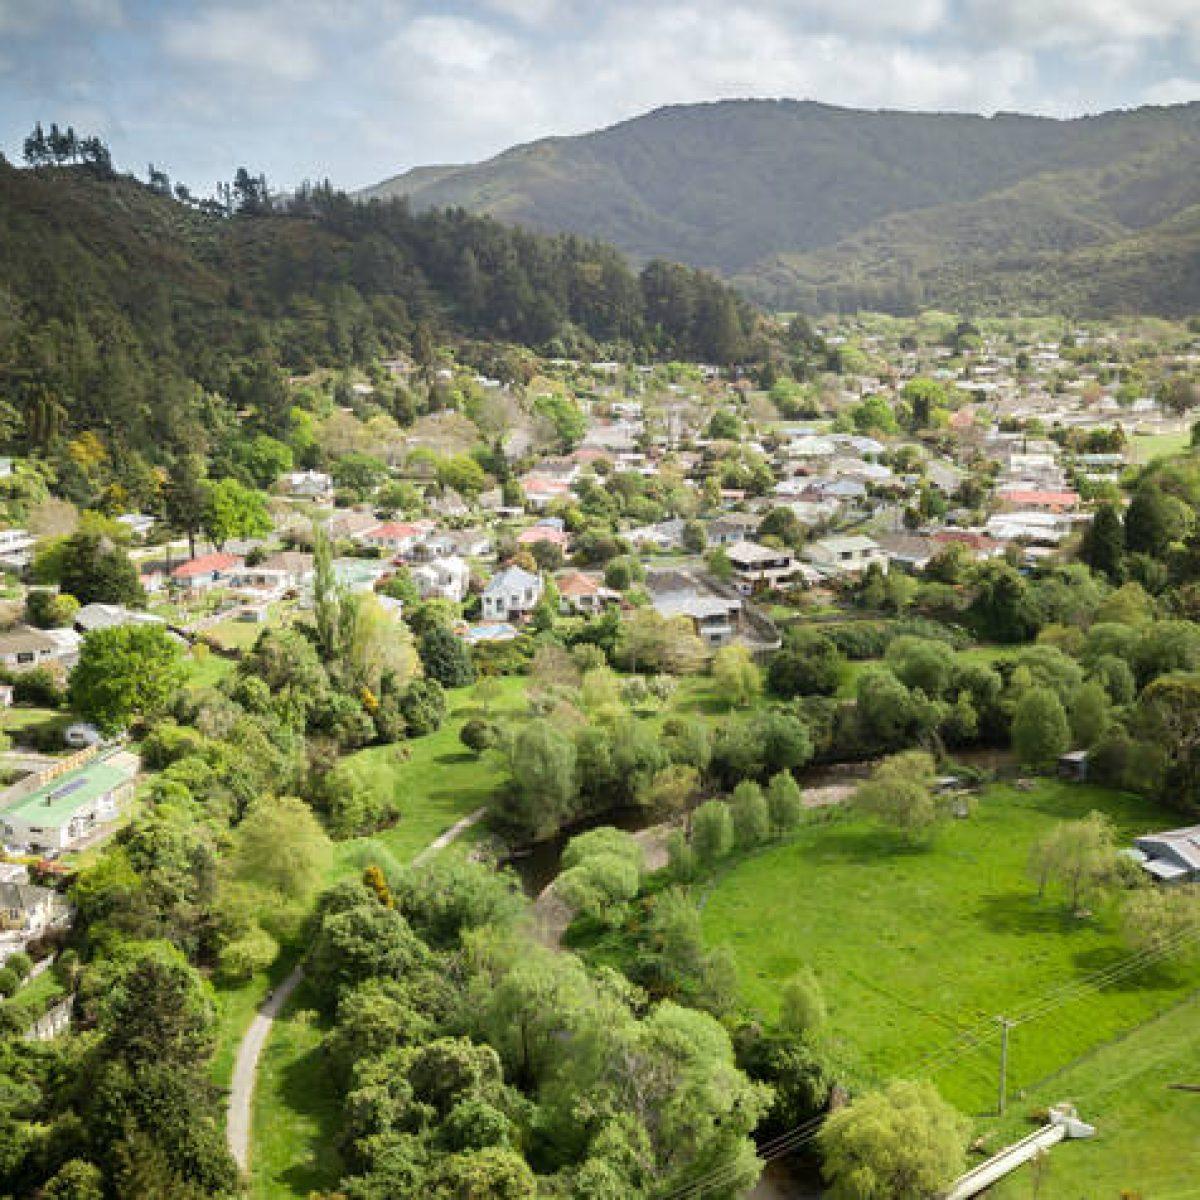 Regional project in New Zealand